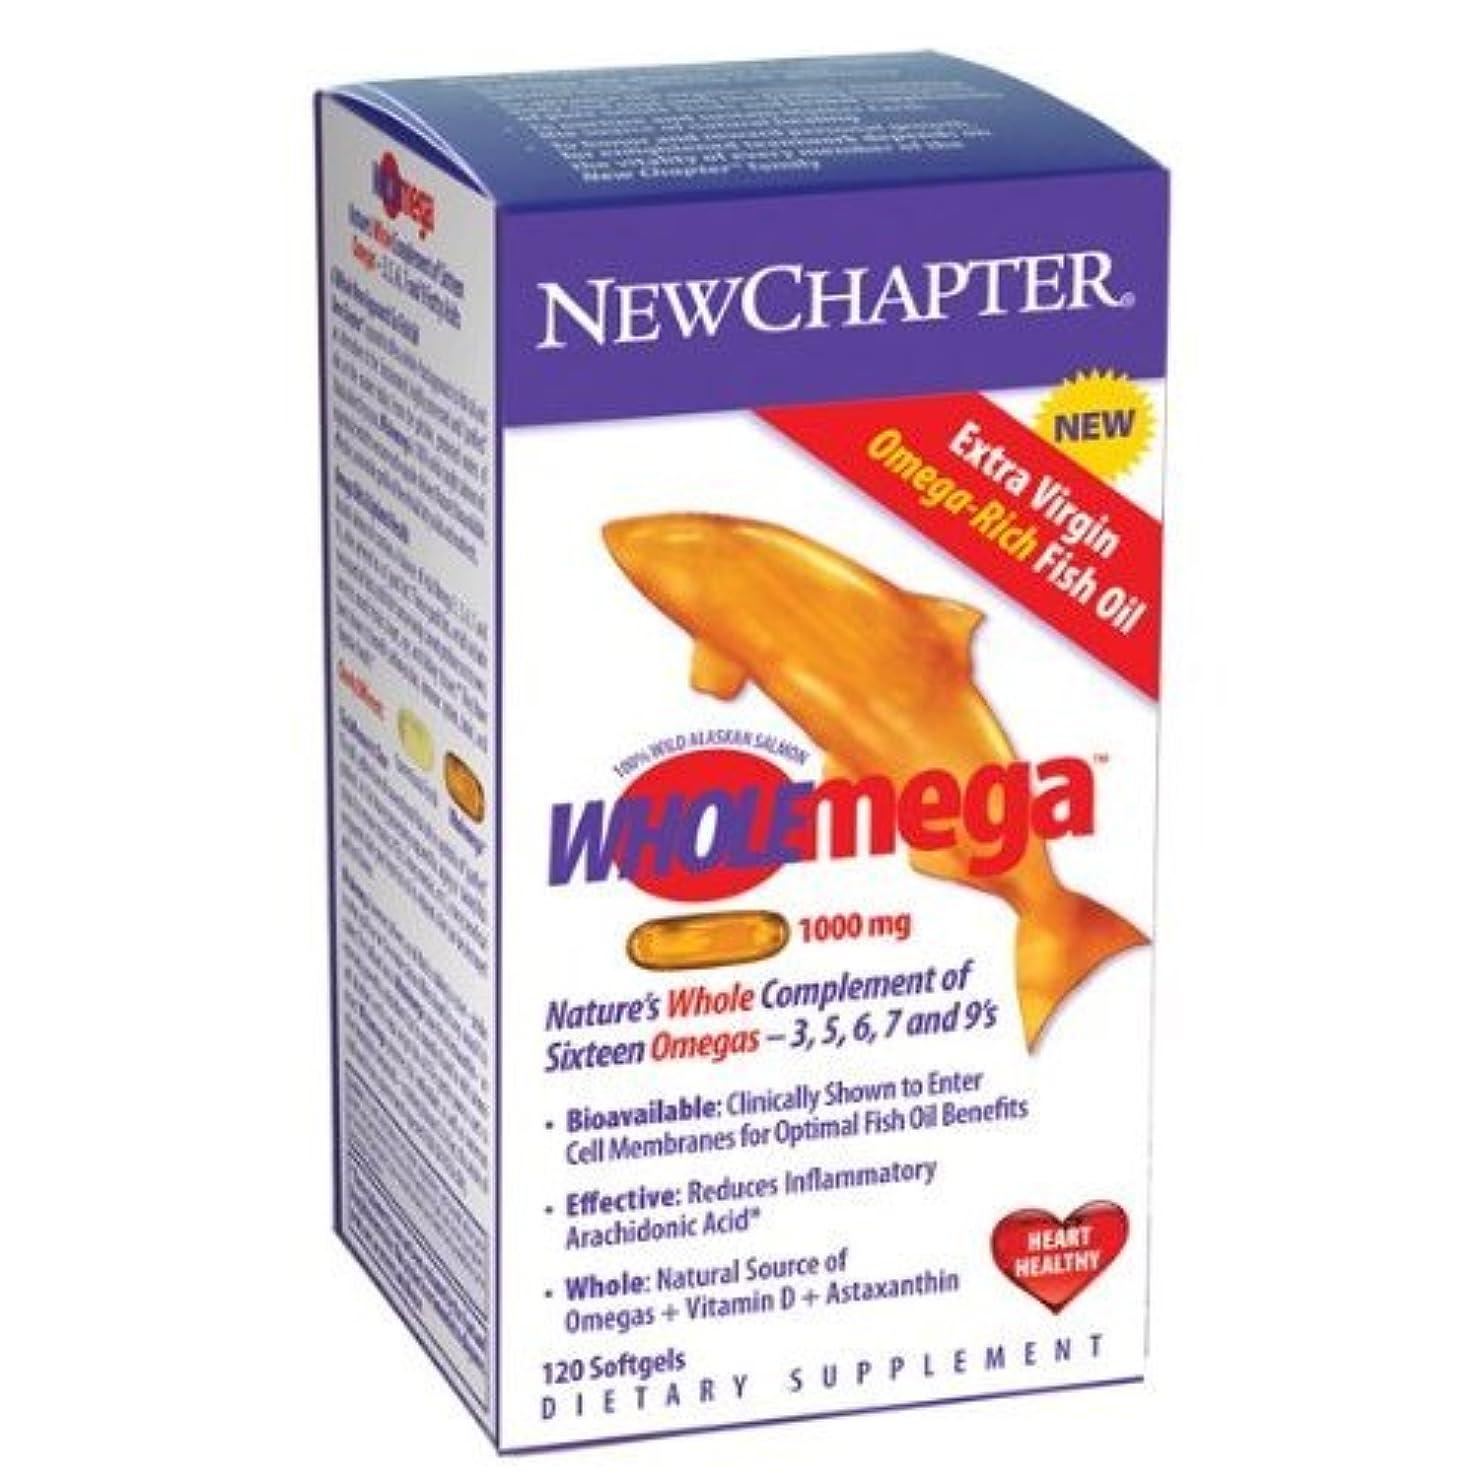 機関請求書スチュアート島New Chapter - Wholemega 1,000 mg 120 softgels by New Chapter